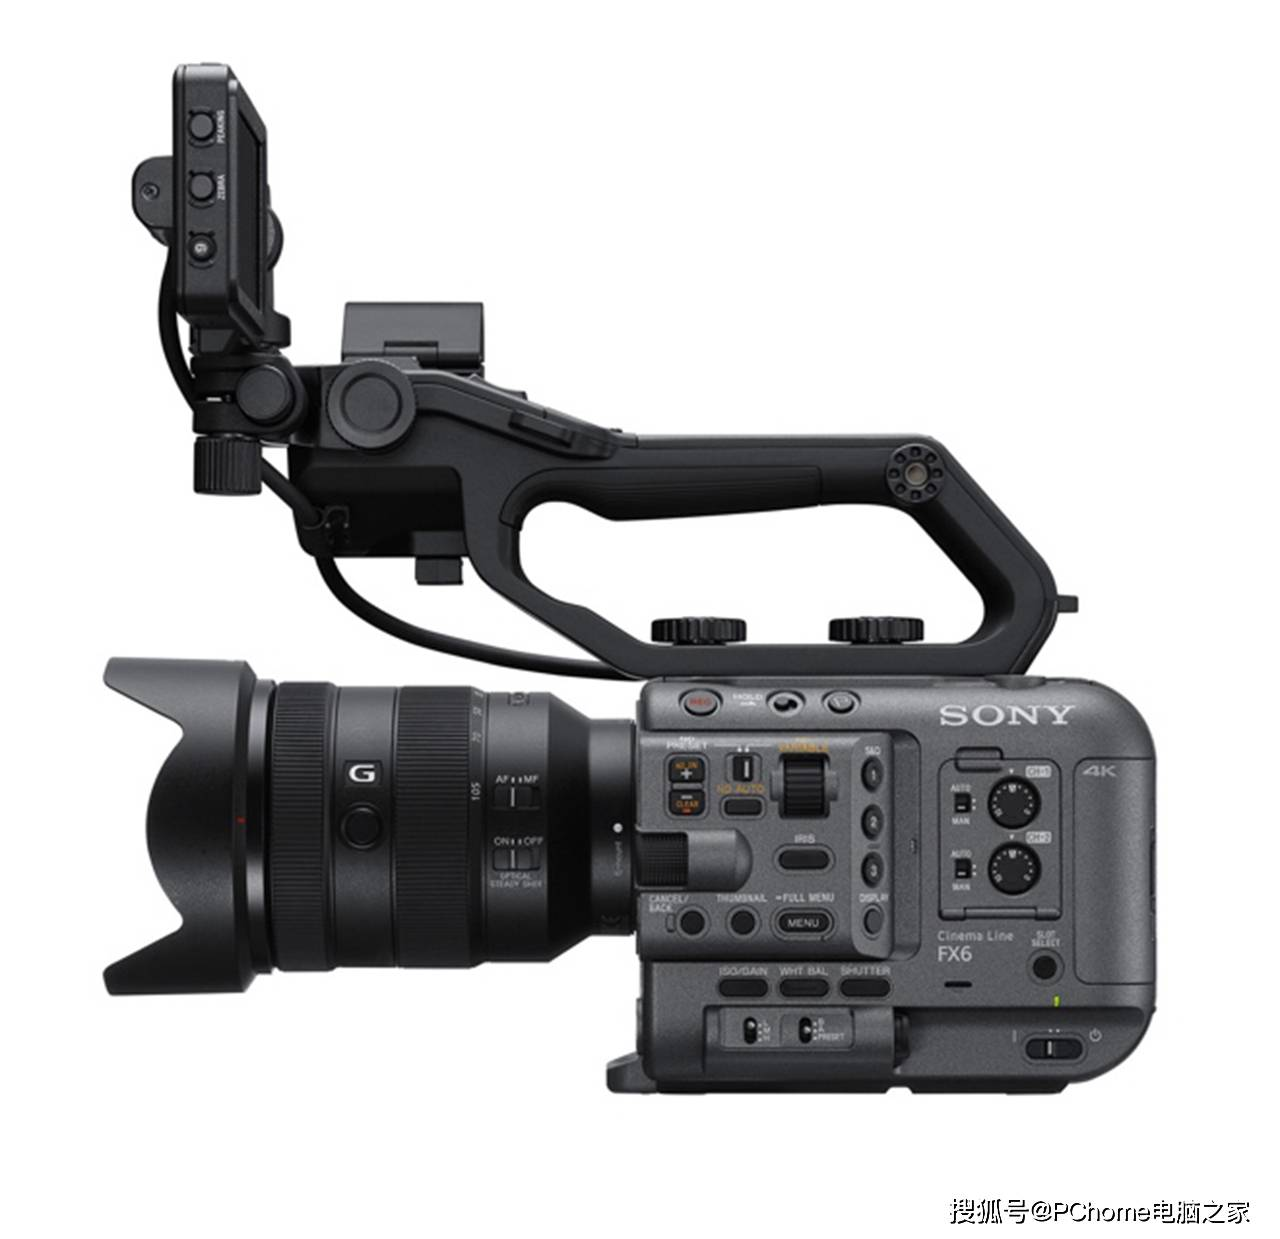 索尼推出Cinema Line系统 FX6摄影机将于年底发售